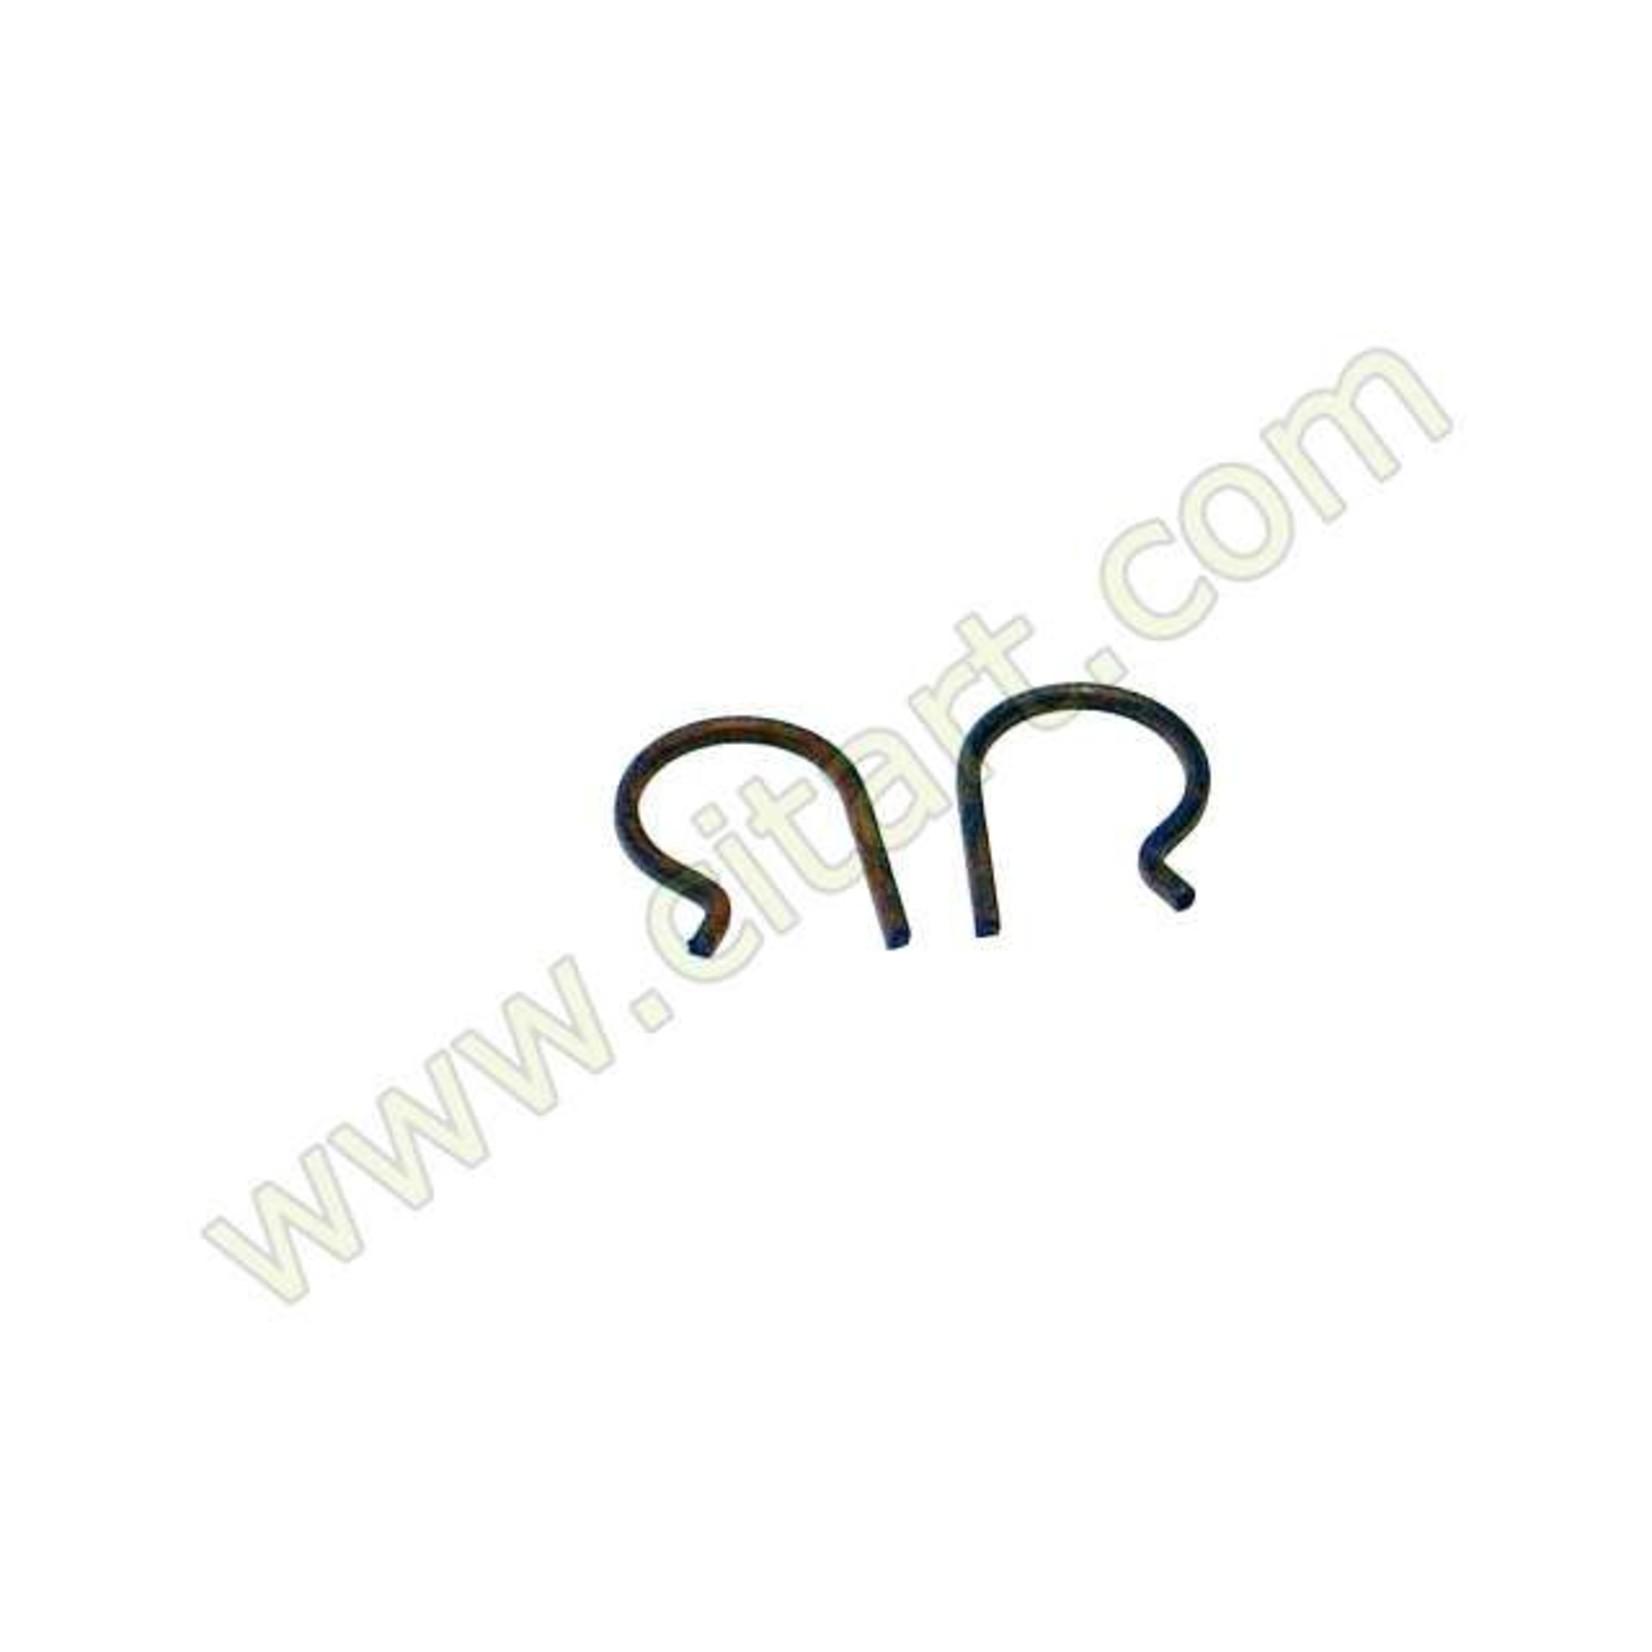 Veer druklager vingerdrukgroep 66-72 Nr Org: D31477